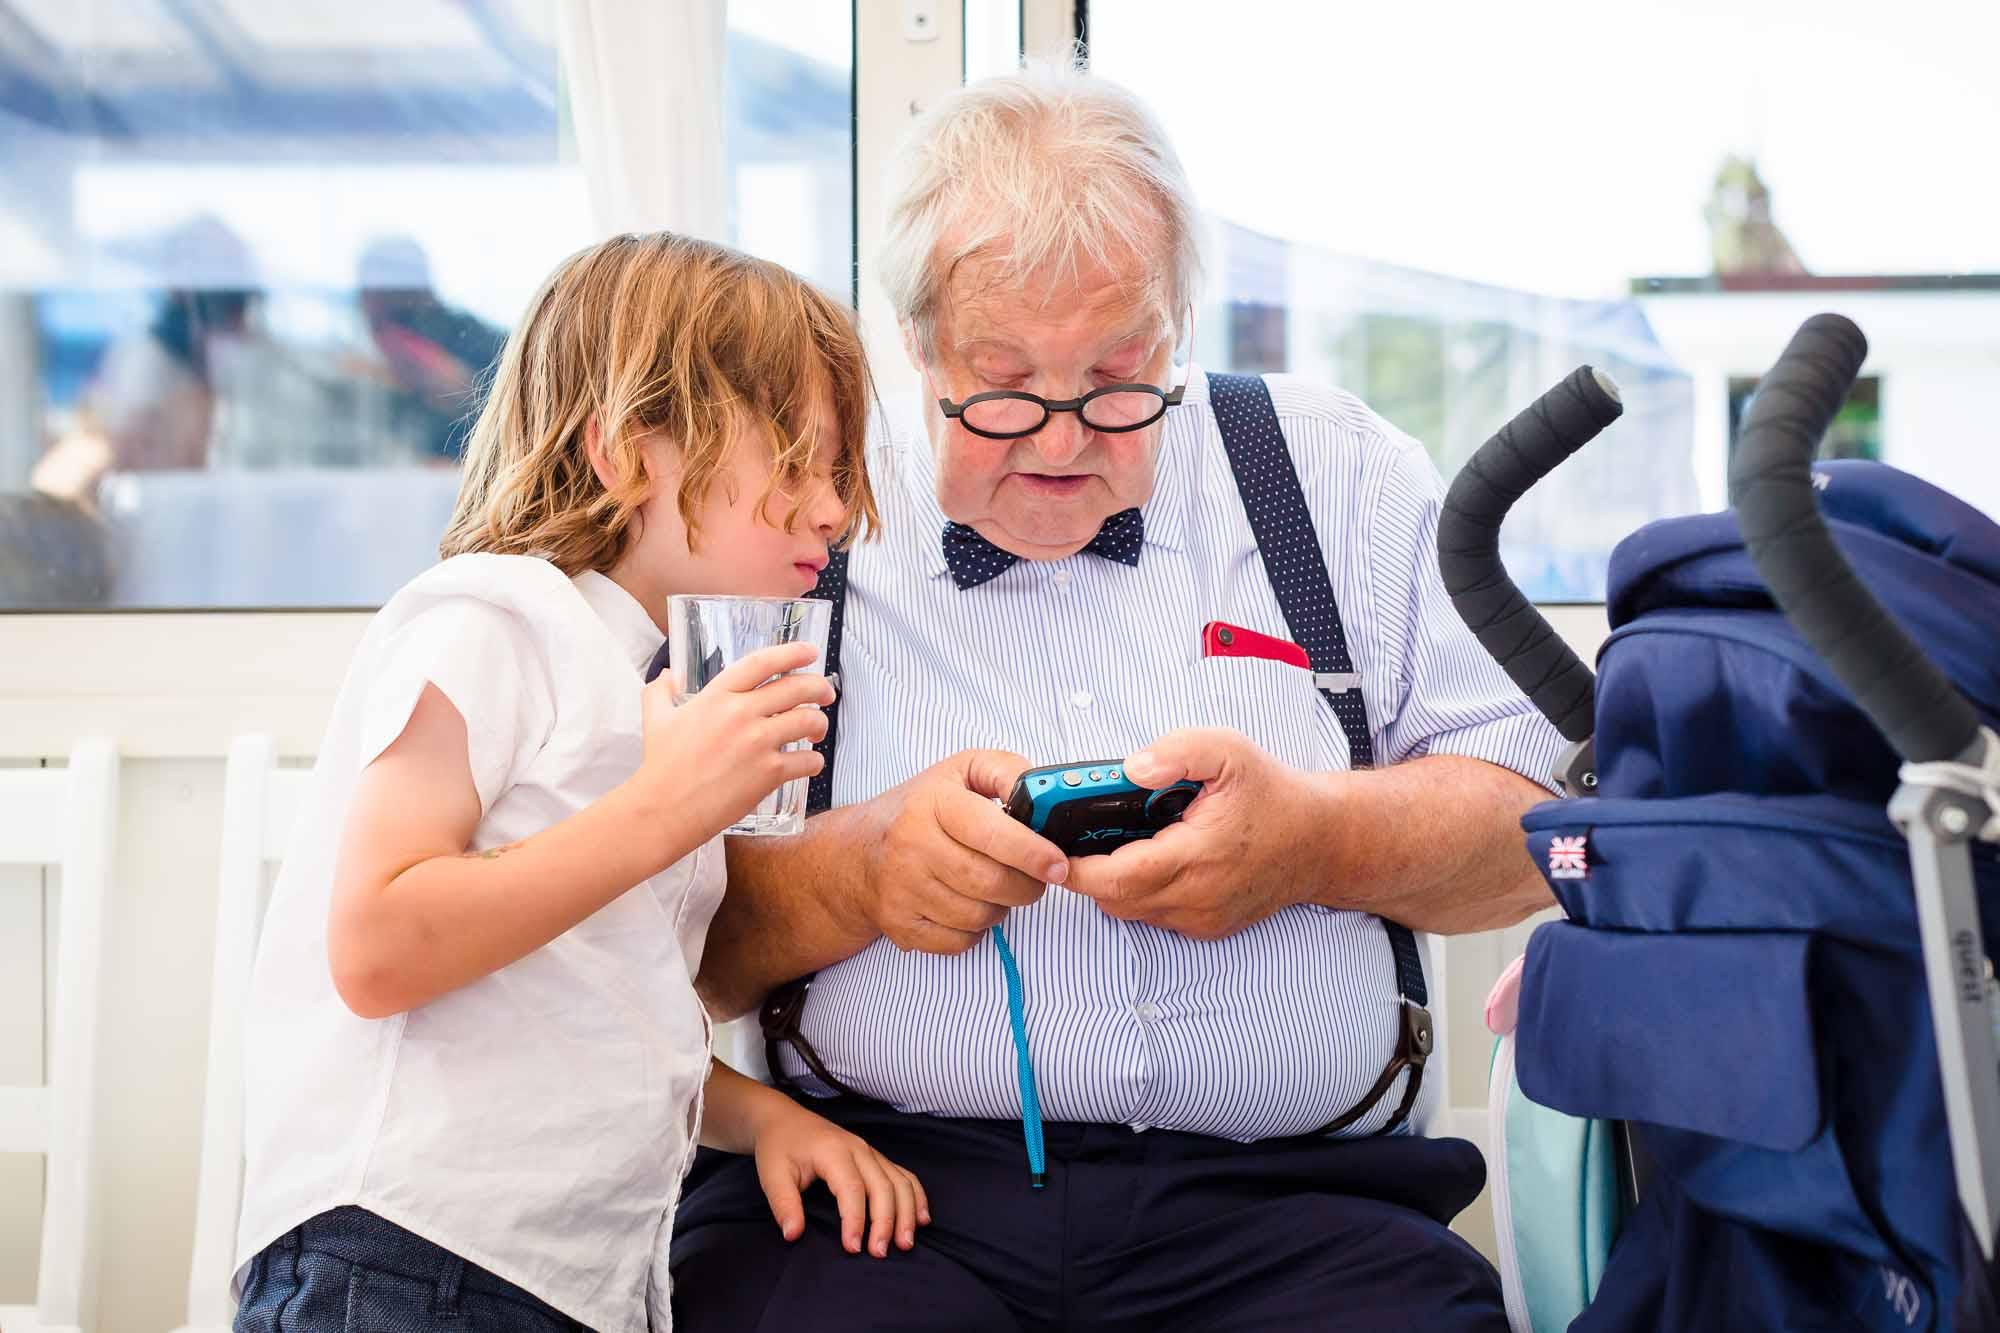 Mann und Kind schauen ins Handy